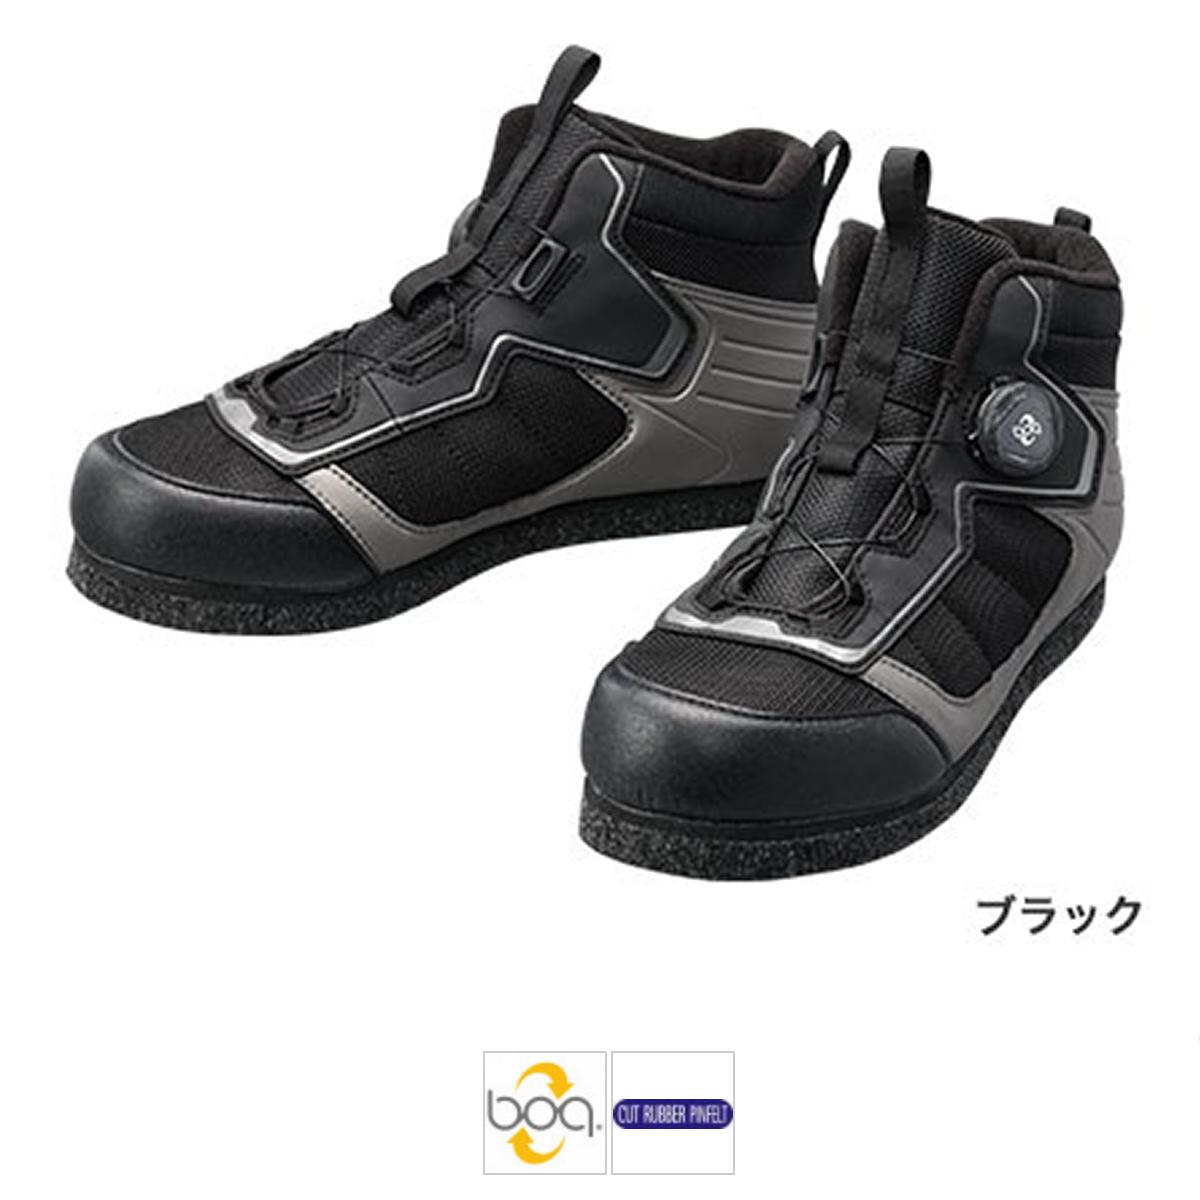 シマノ カットラバーピンフェルトフィットシューズ LT FS-041Q 27cm ブラック